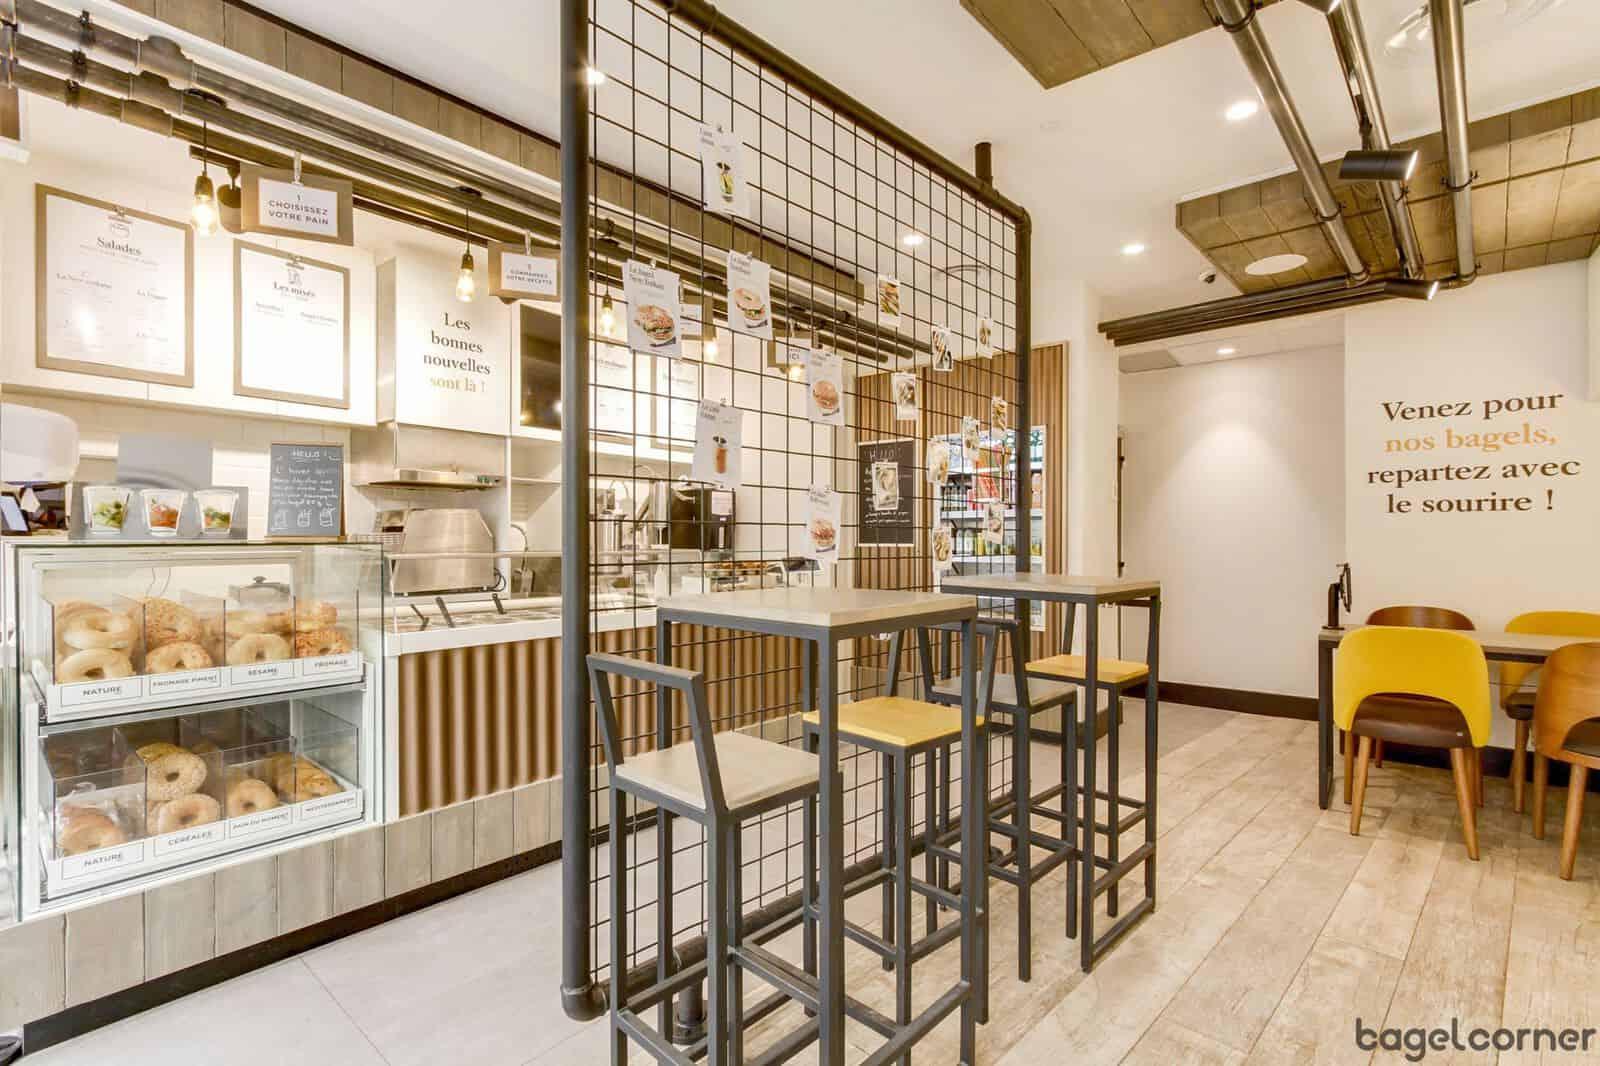 Café rencontre bagel service de rencontres site de rencontre le plus populaire en Israël